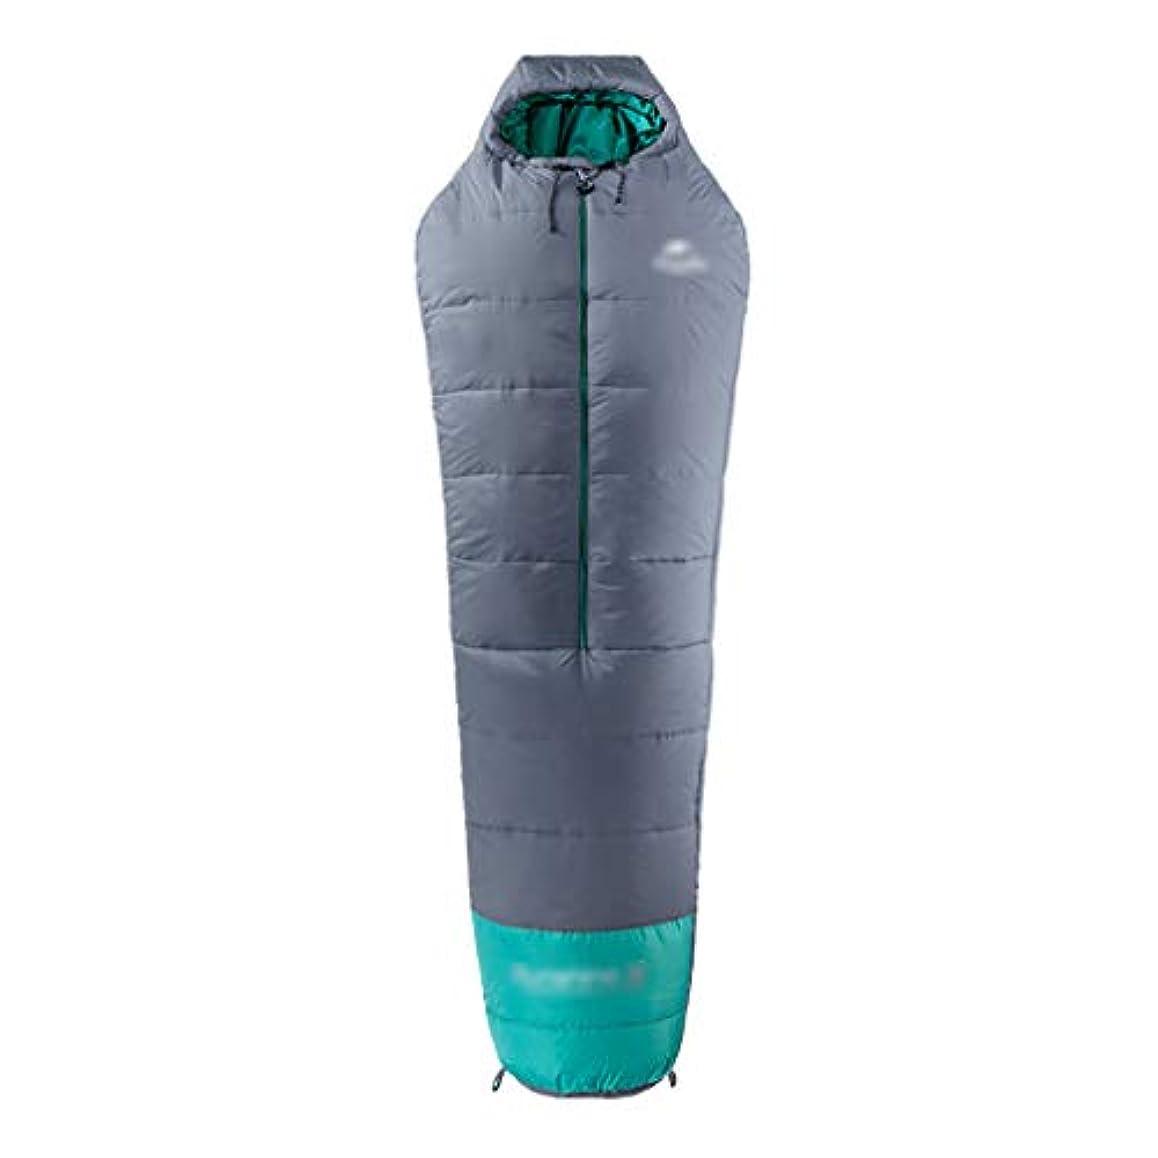 虚偽倍率プレゼン寝袋キャンプキャンプ寝袋大人の寝袋大人の寝袋旅行ポータブル屋外のハイキングキャンプの寝袋機器フィールド用品 (Color : GRAY, Size : 210*80CM)